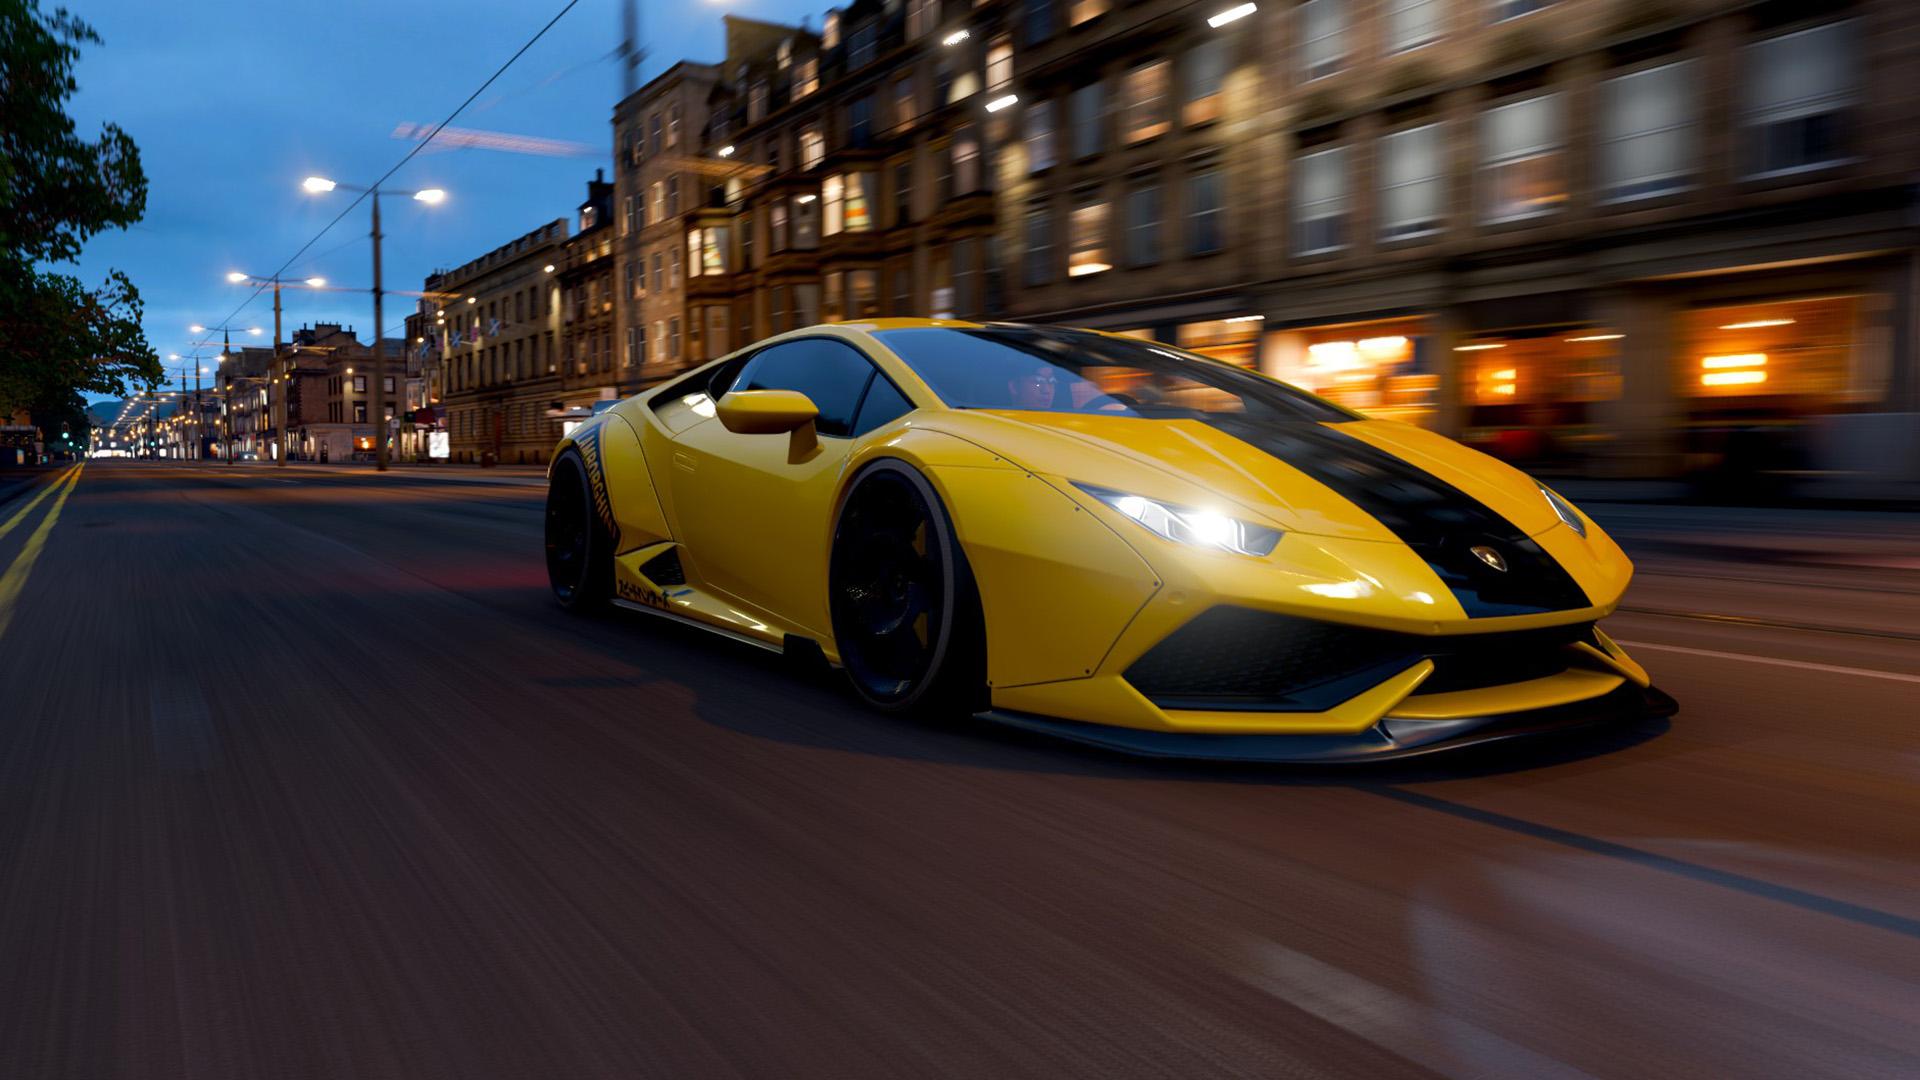 游戏壁纸,兰博基尼,城市夜景,街道,跑车